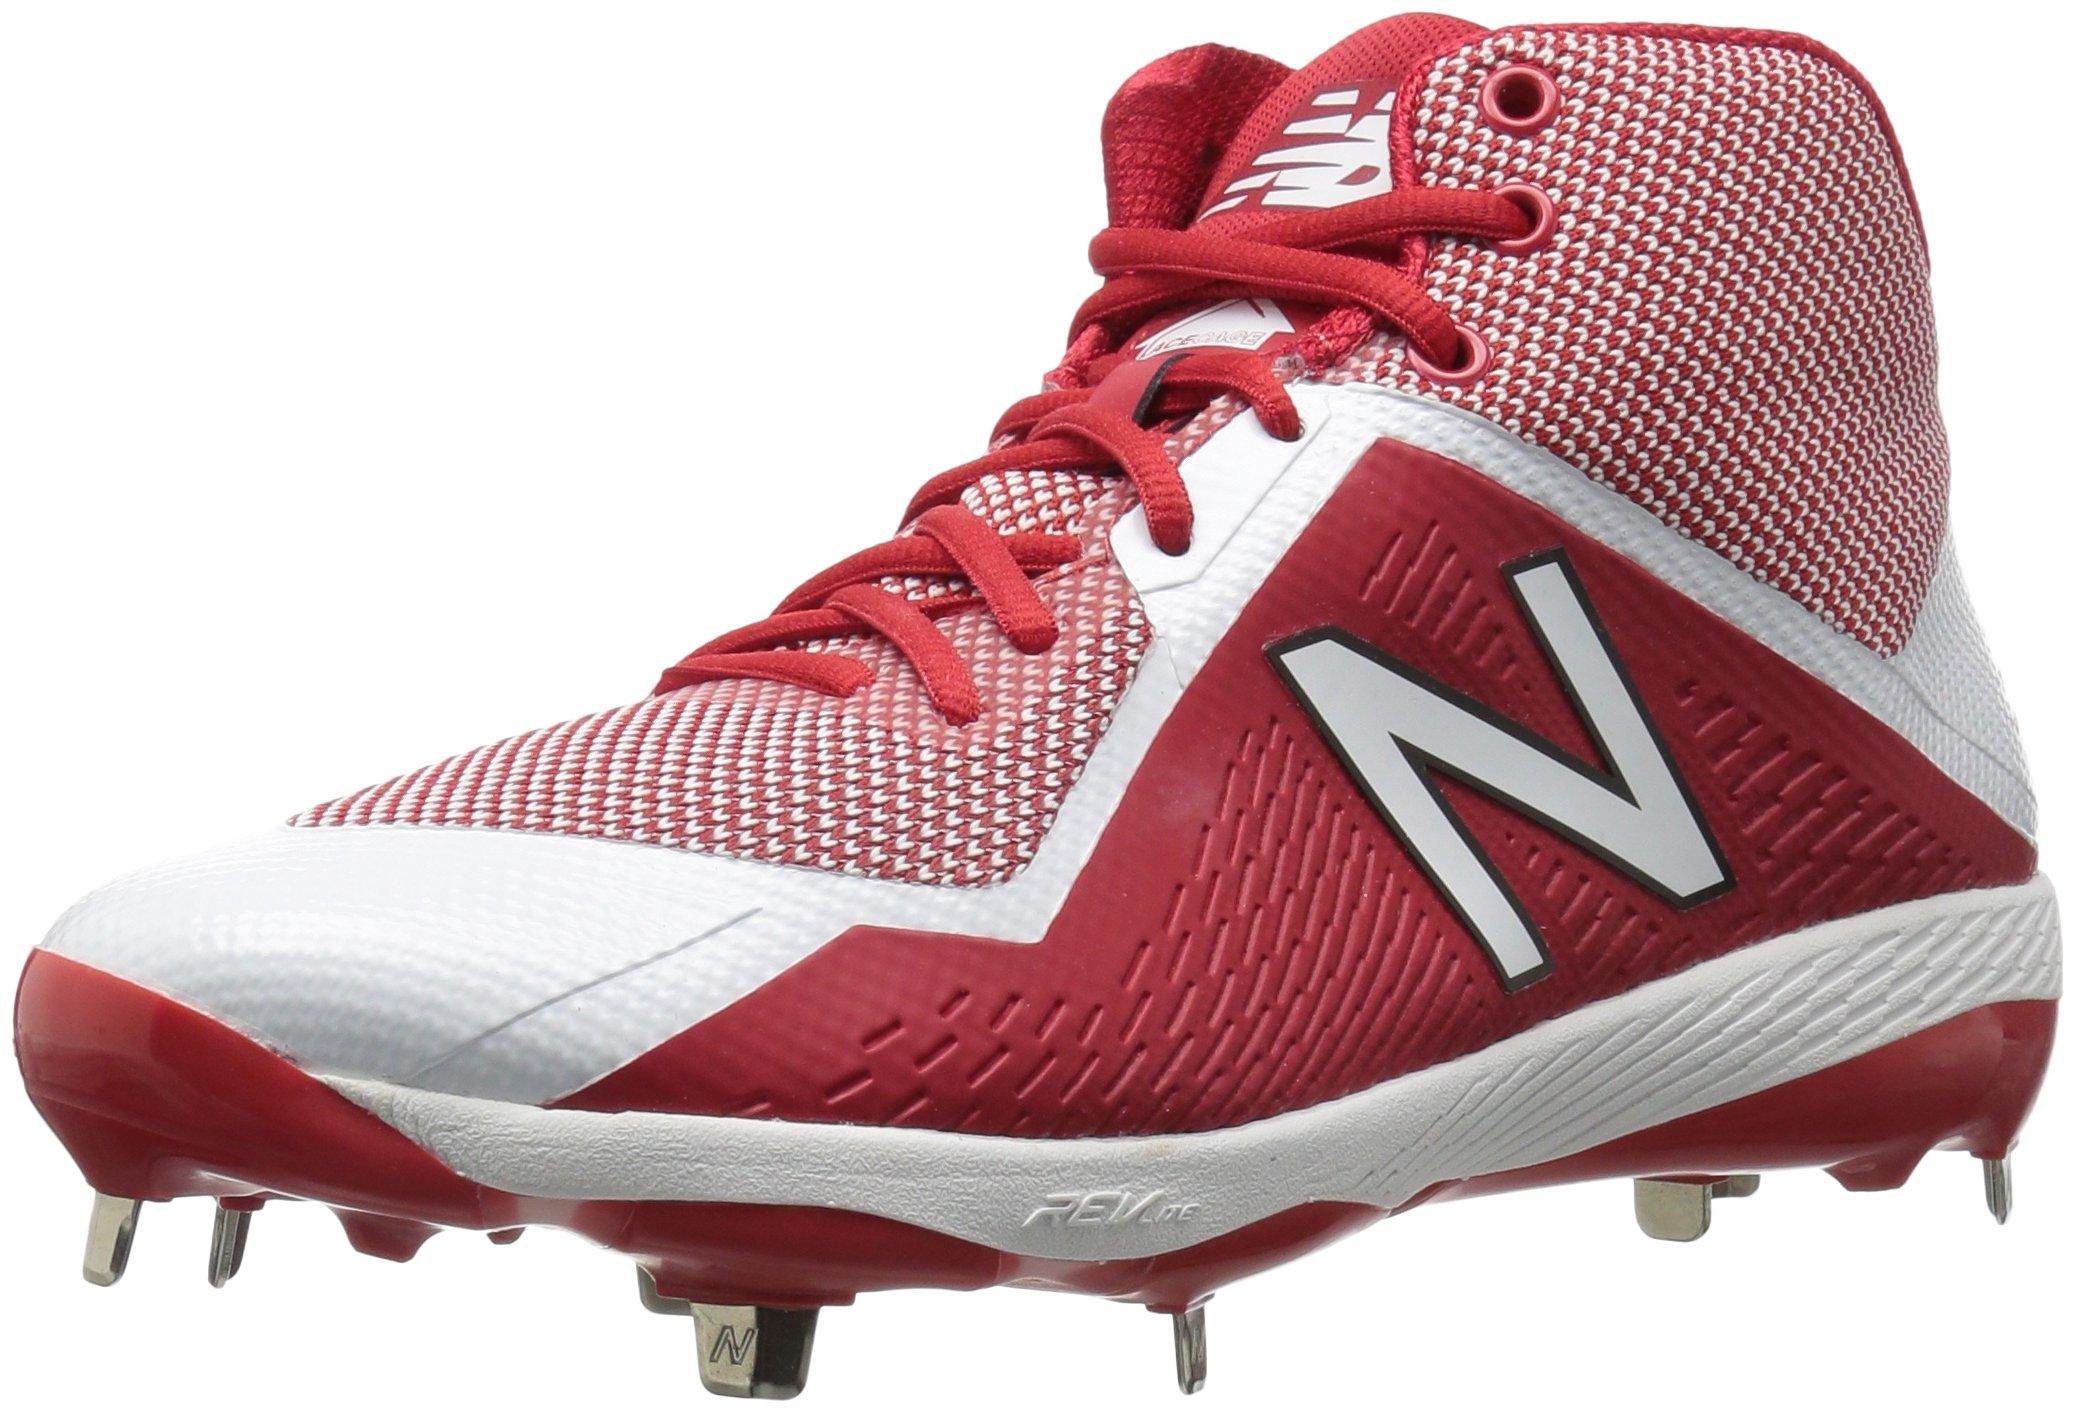 New Balance Men's M4040v4 Metal Baseball Shoe, Red/White, 5 D US